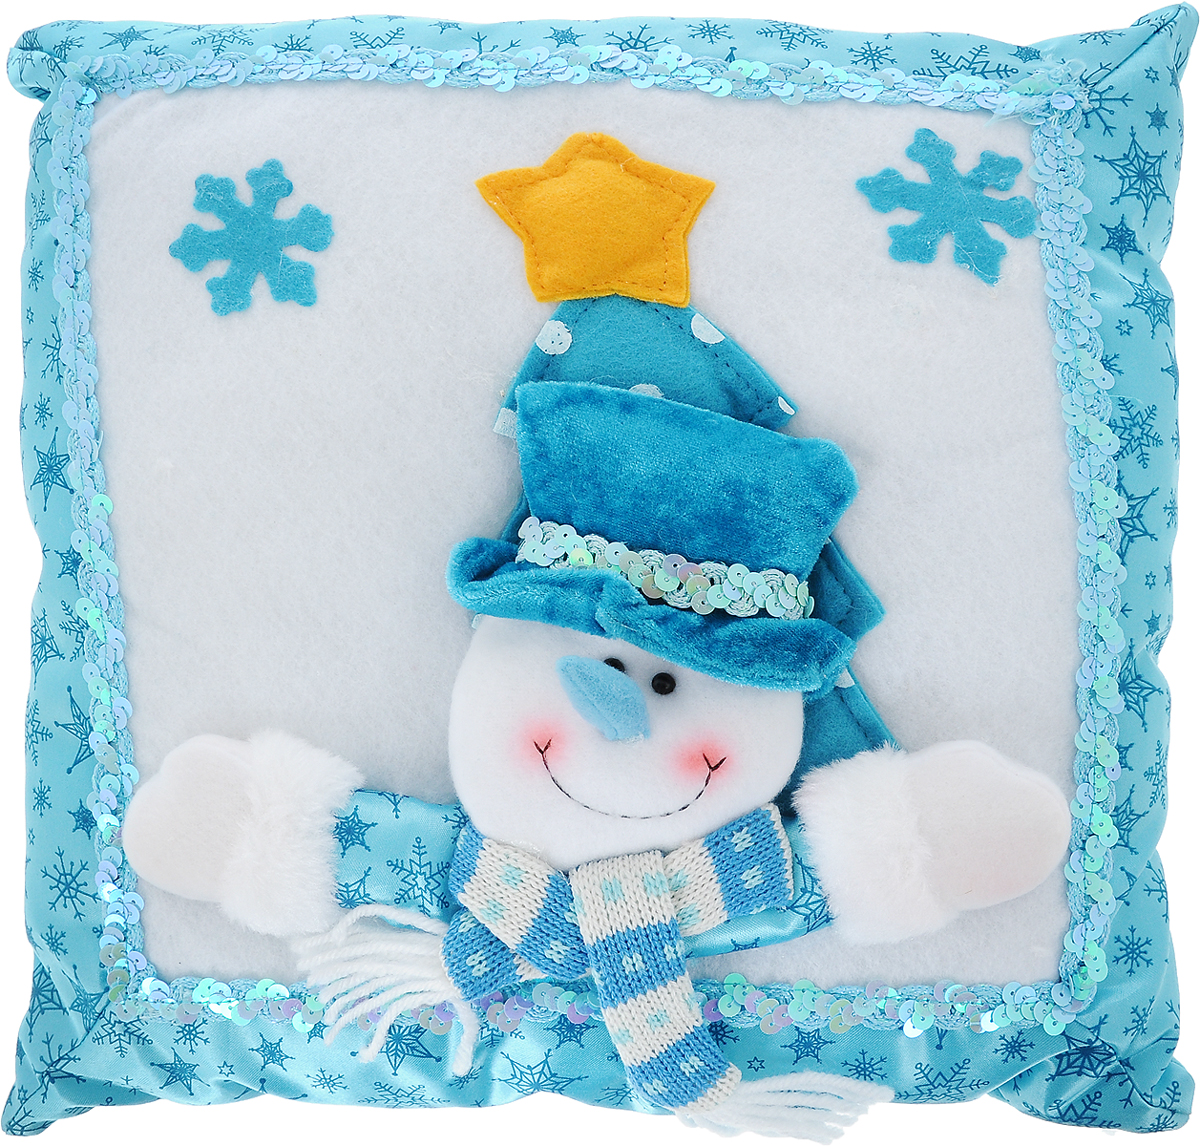 Подушка декоративная Win Max Снеговик, 30 х 30 cмCLP446Декоративная подушка Win Max Снеговик прекрасно подойдет для праздничного декора вашего дома в преддверии Нового года. Чехол выполнен из текстиля с комбинированной текстурой, украшен изображением снежинок, пайетками и аппликацией в виде забавного снеговика. Синтепоновый наполнитель делает подушку мягкой и уютной. Красивая подушка создаст в доме уют и станет прекрасным элементом декора.